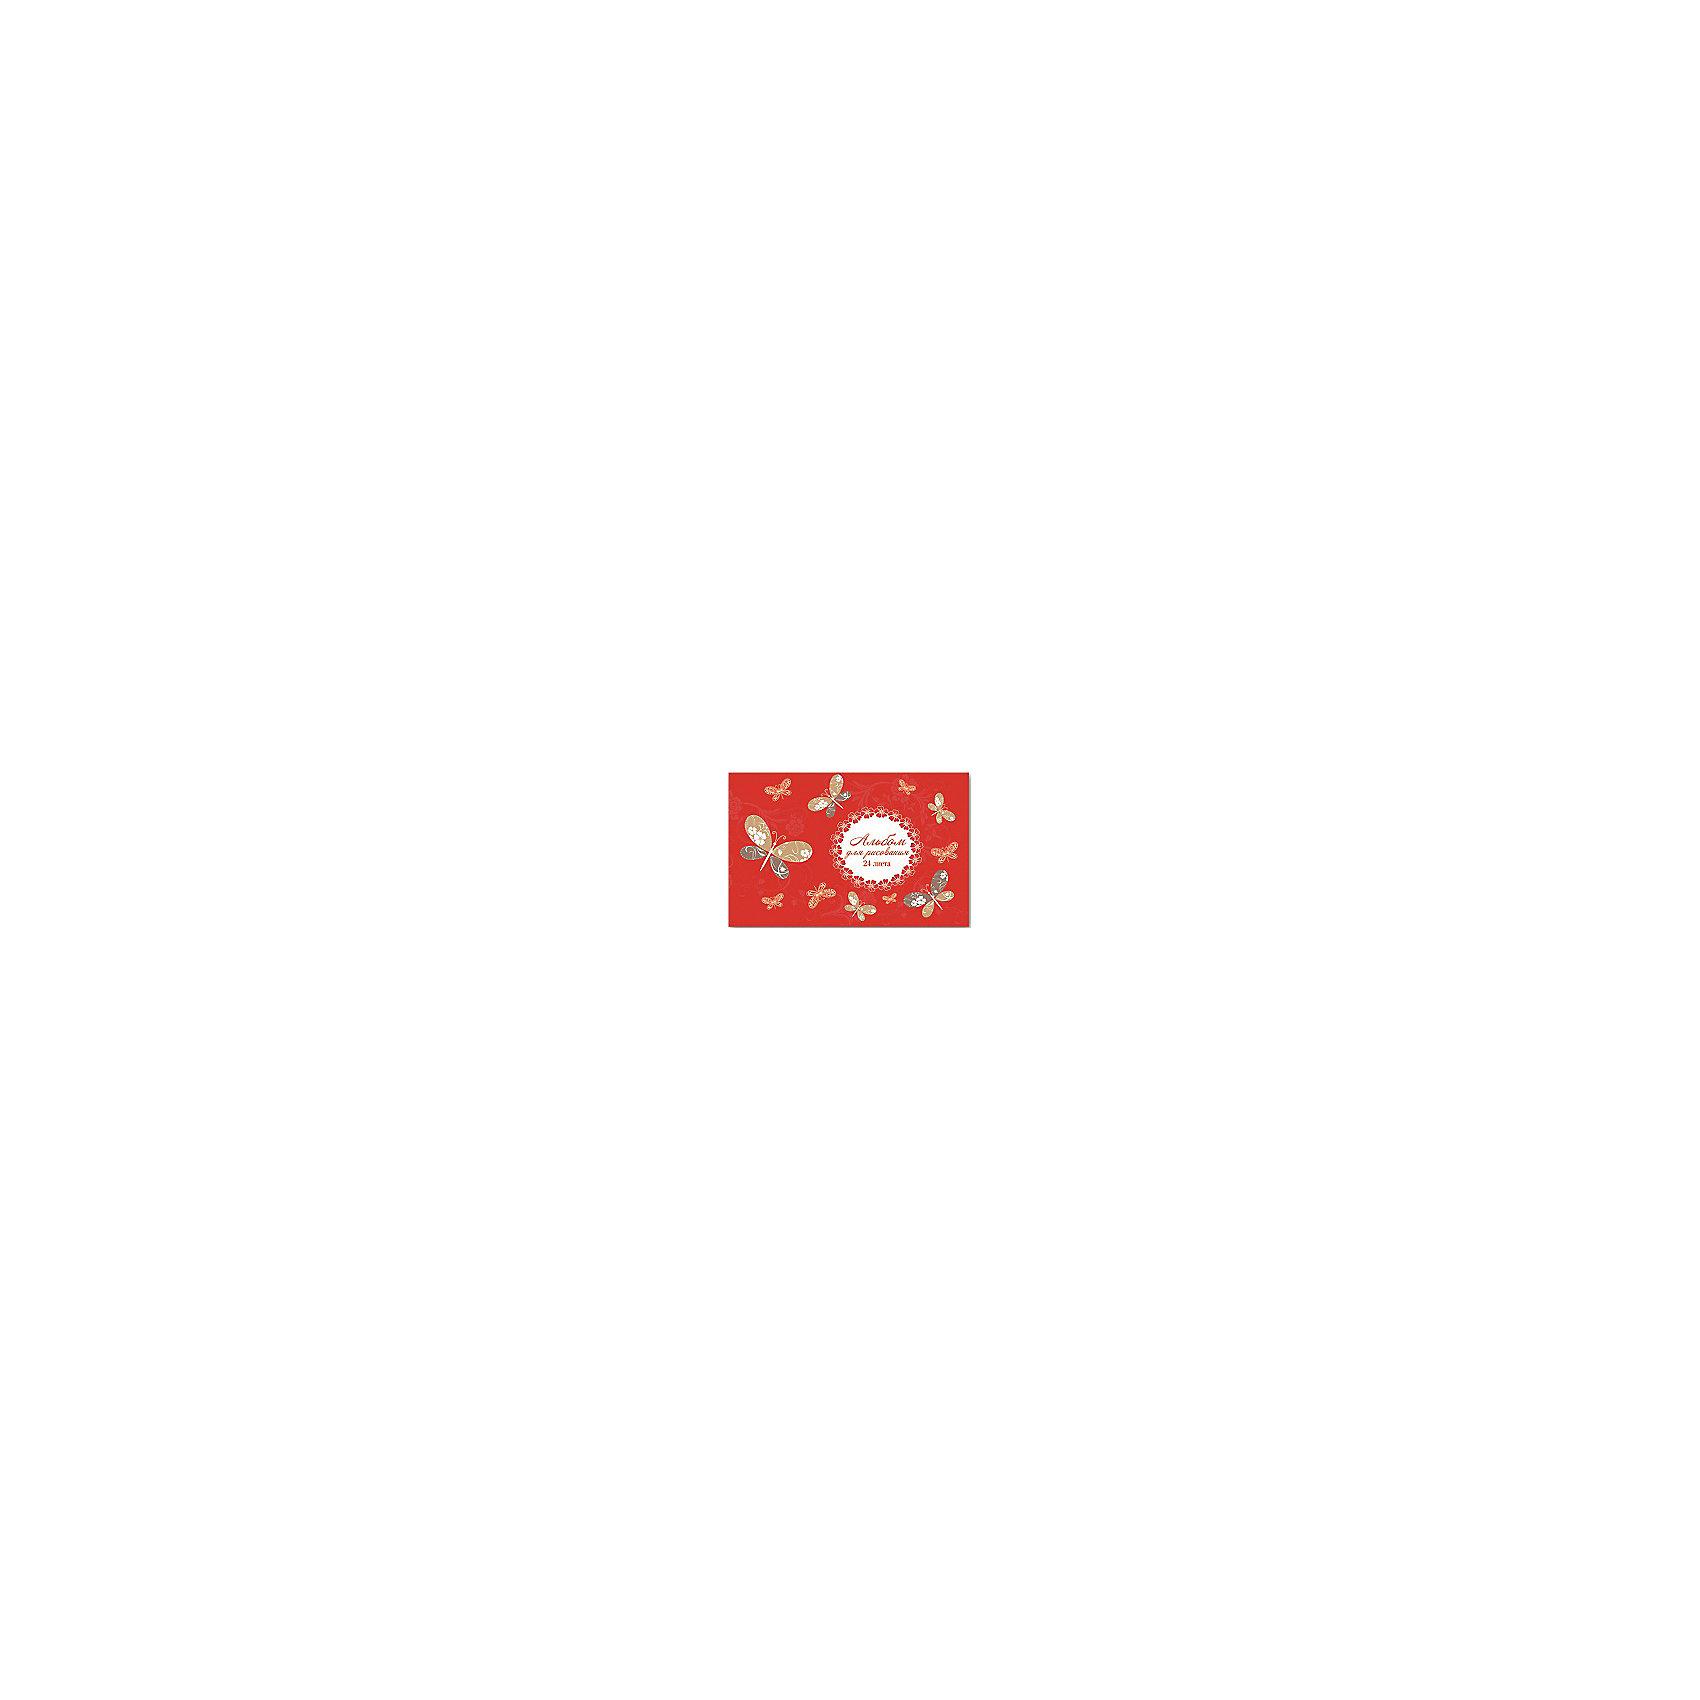 Альбом для рисования Бабочки на красном, 24лБумажная продукция<br>Скоро 1 сентября, а значит Вашему ребенку обязательно понадобиться альбом для рисования!<br><br>Дополнительная информация:<br><br>- Возраст: от 3 лет.<br>- 24 листа.<br>- Орнамент: бабочки на красном.<br>- Формат: А4.<br>- Материал: бумага, картон.<br>- Размер упаковки: 29,5х20х0,5 см.<br>- Вес в упаковке: 192 г.<br><br>Купить альбом для рисования Бабочки на красном можно в нашем магазине.<br><br>Ширина мм: 295<br>Глубина мм: 200<br>Высота мм: 5<br>Вес г: 192<br>Возраст от месяцев: 36<br>Возраст до месяцев: 2147483647<br>Пол: Унисекс<br>Возраст: Детский<br>SKU: 4943430